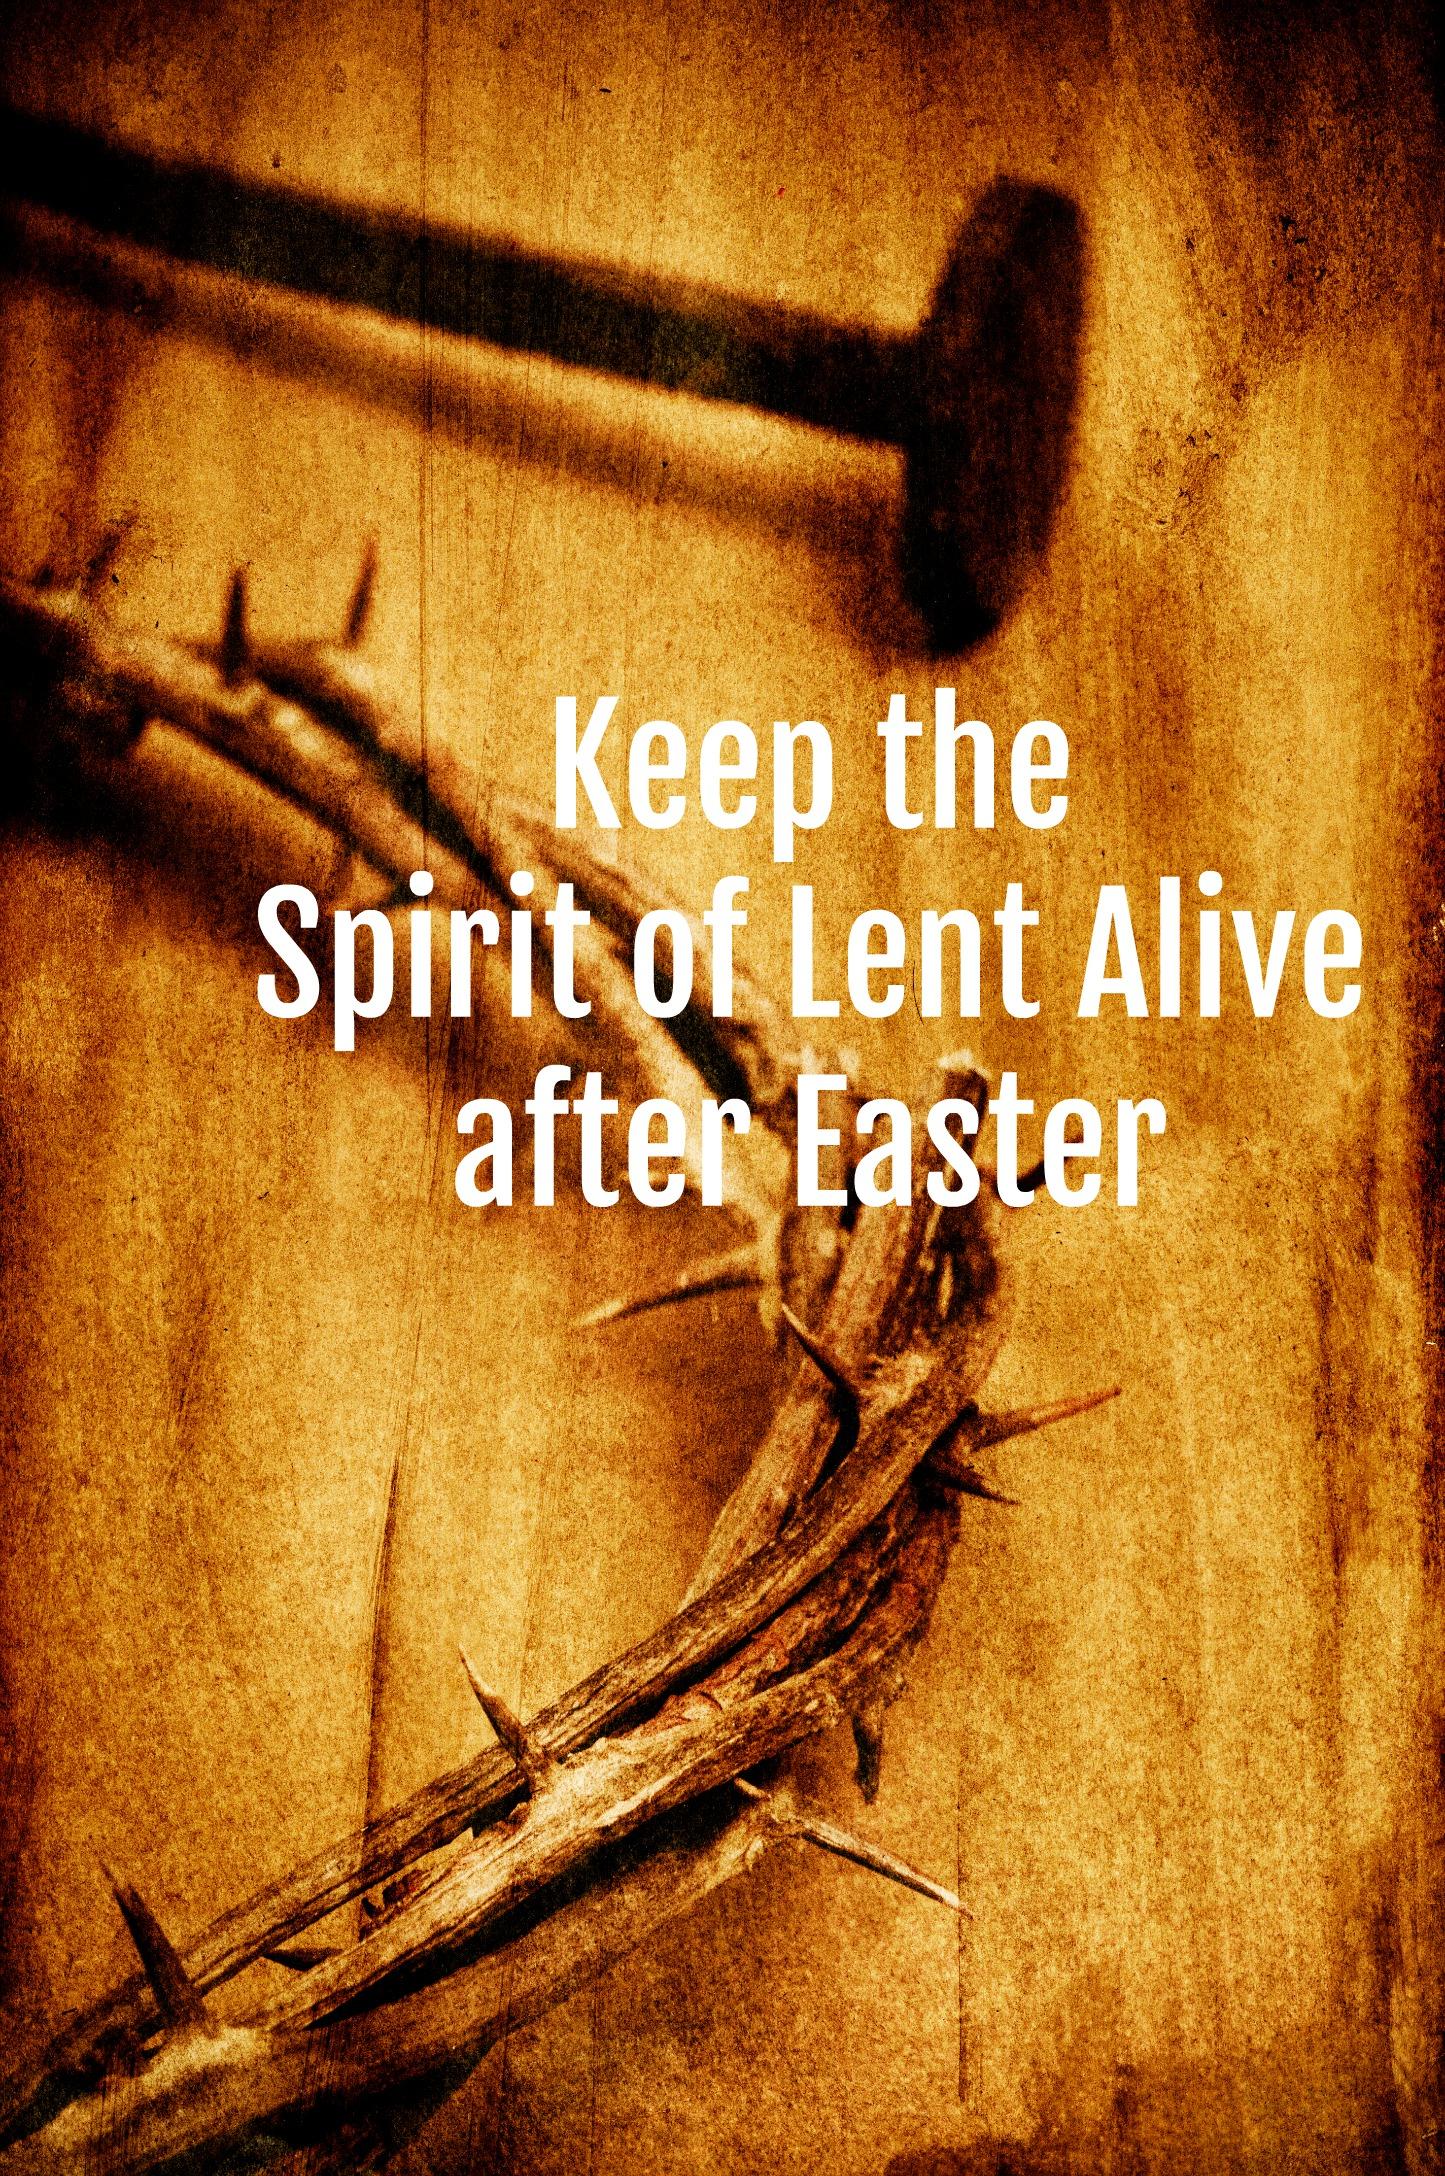 Keep the Spirit of Lent Alive after Easter